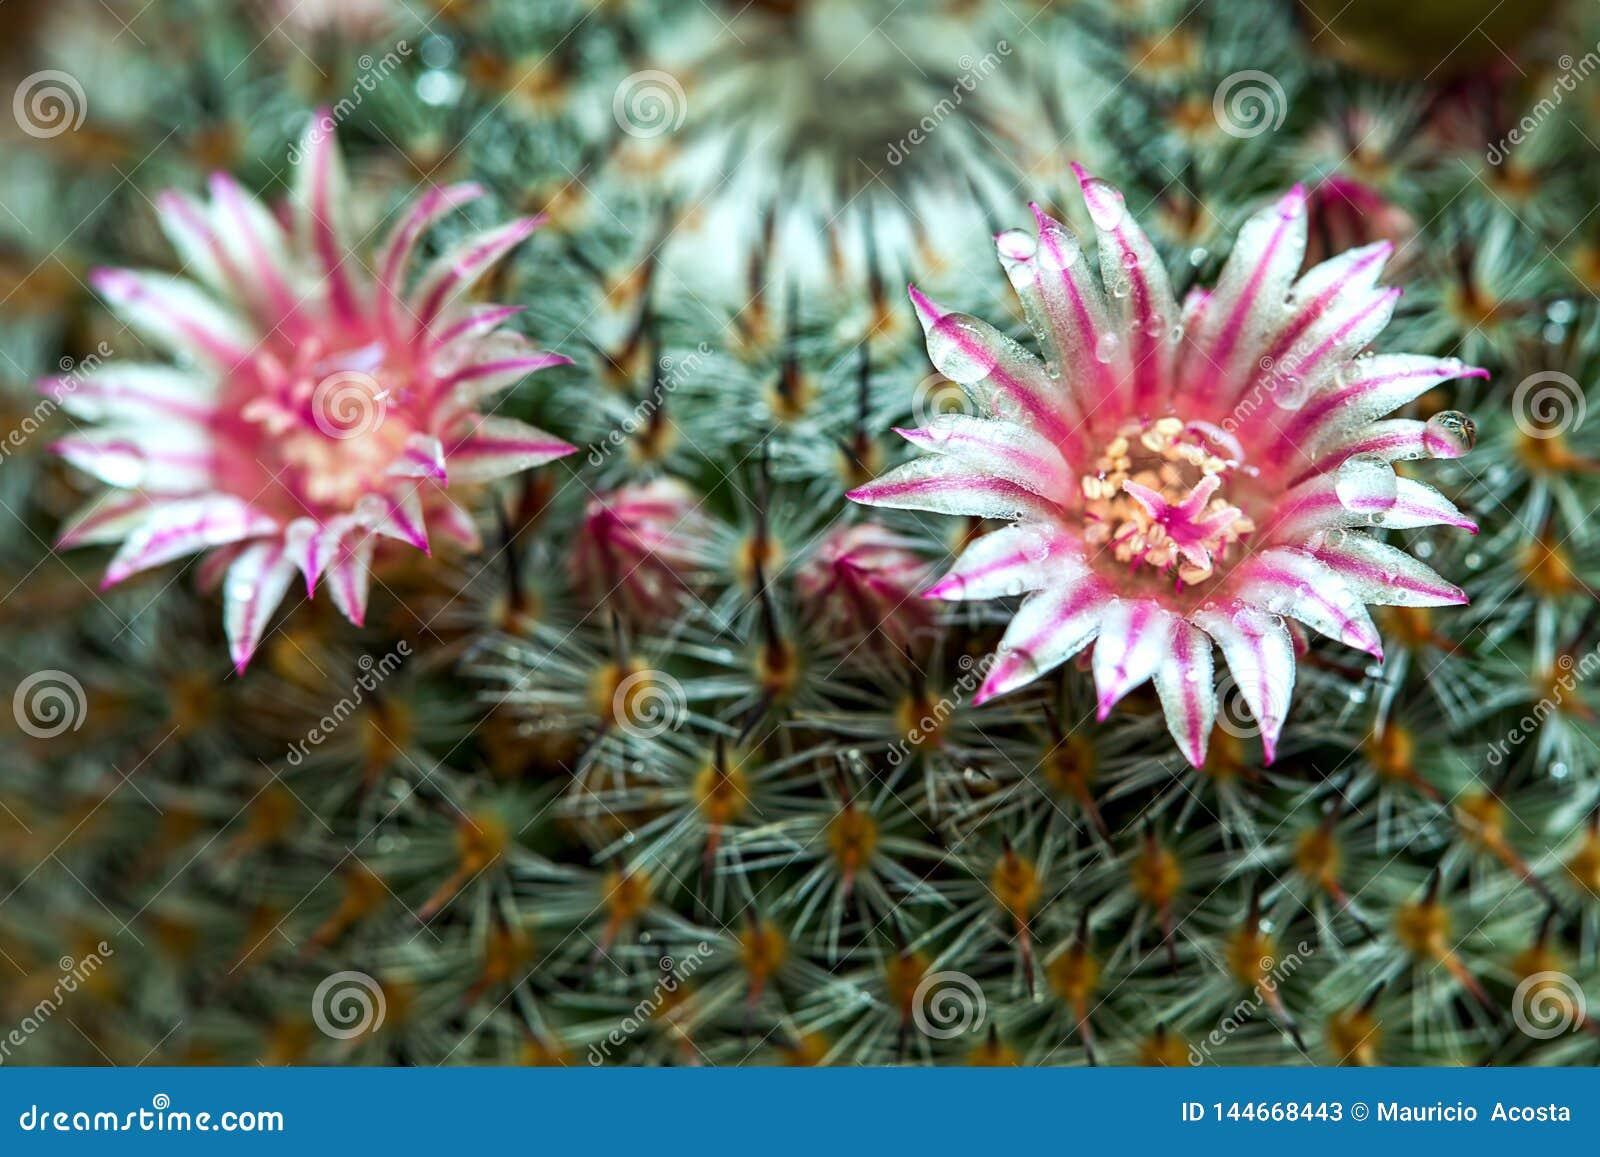 Mammillaria与露水的仙人掌花